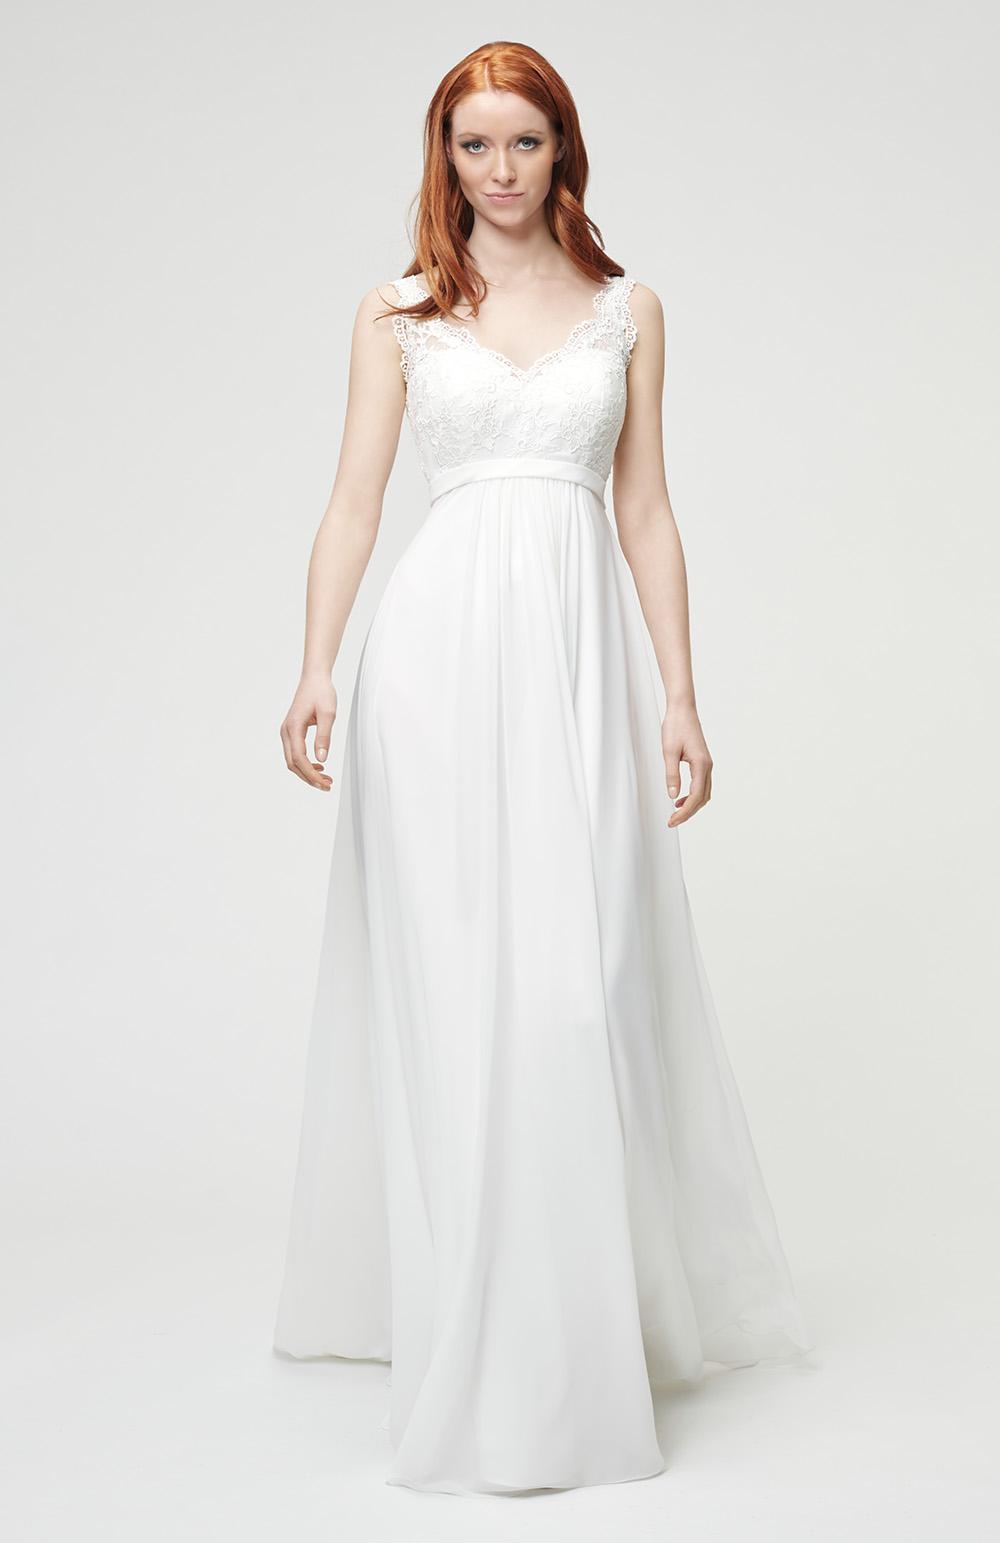 Robe de mariée Modèle Rebeka